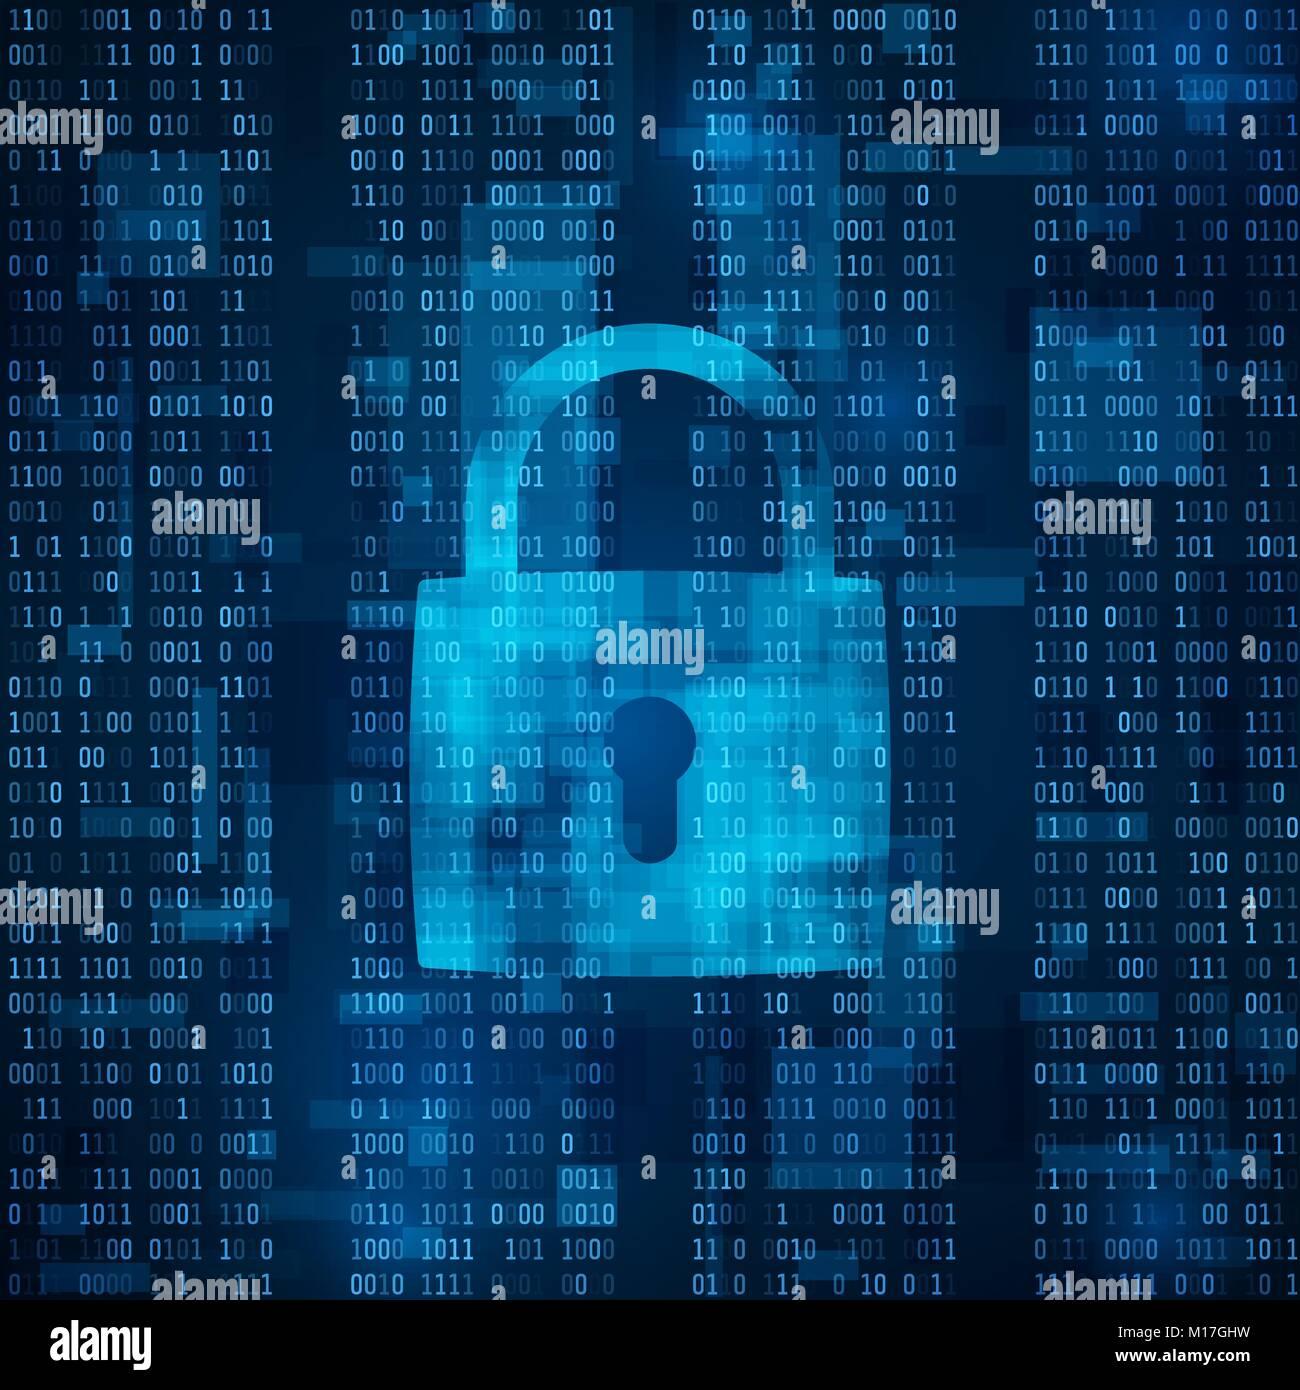 Attacco hacker blocco. La protezione dei dati da hacking. software antivirus. cyber security. La crittografia dei Immagini Stock